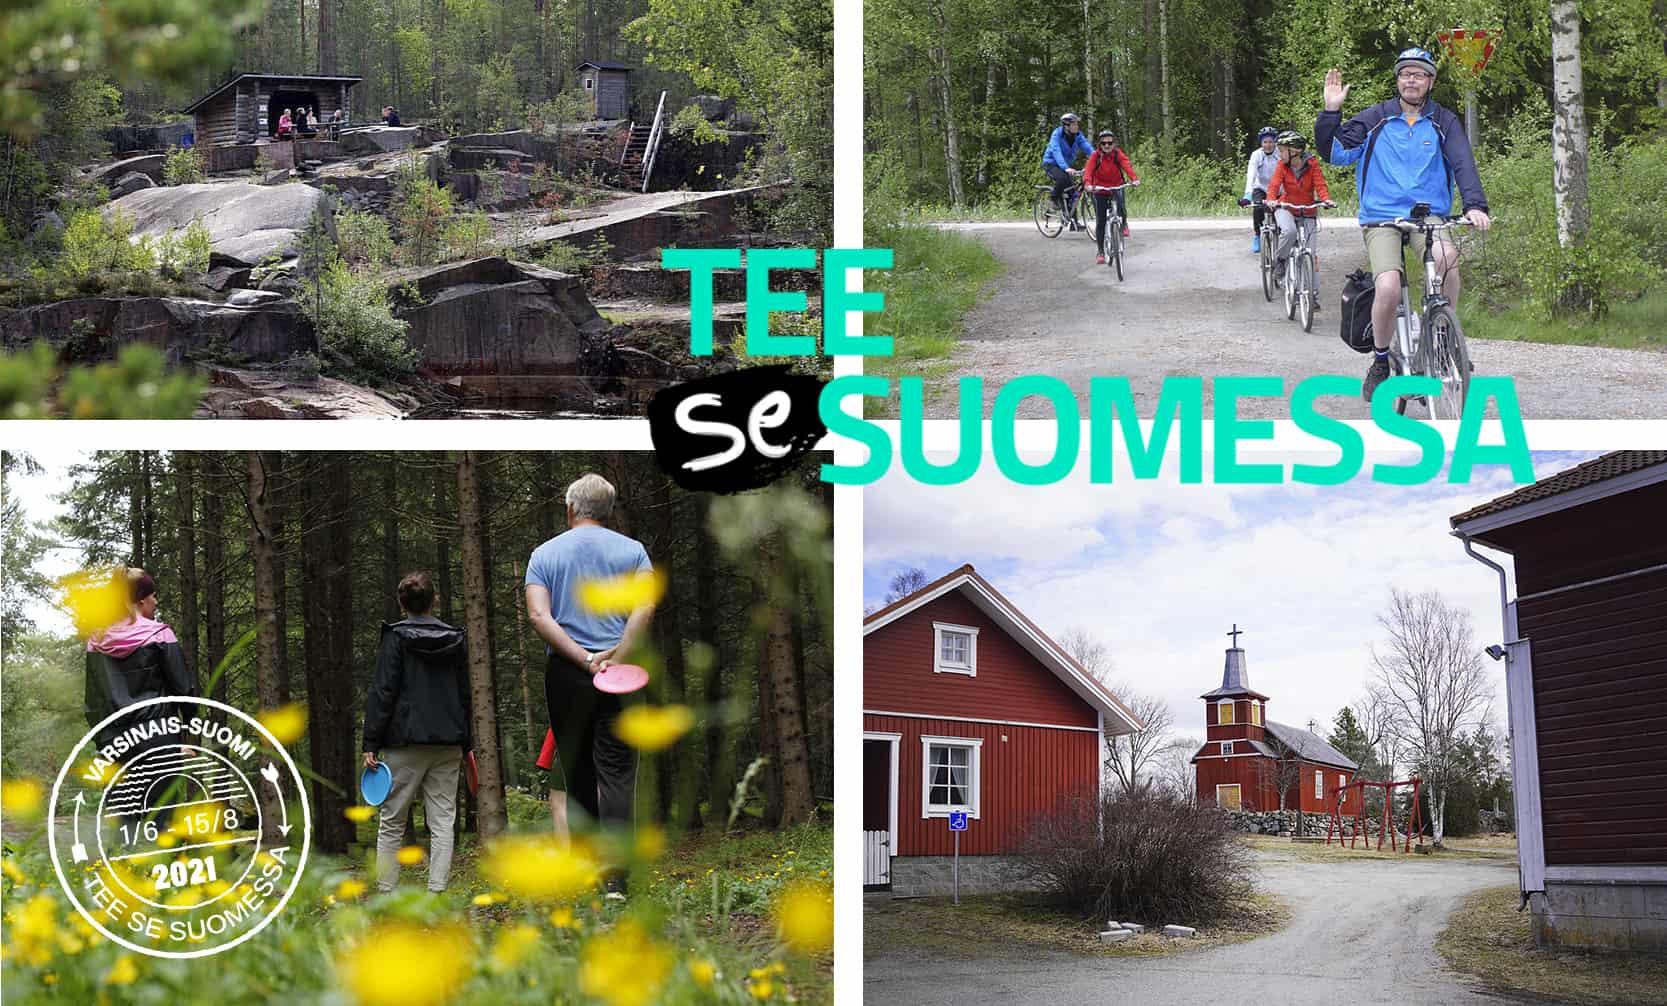 Neljä kuvaa matkailuaiheista, joiden päällä Varsinais-Suomen leima ja Tee se Suomessa -logo.